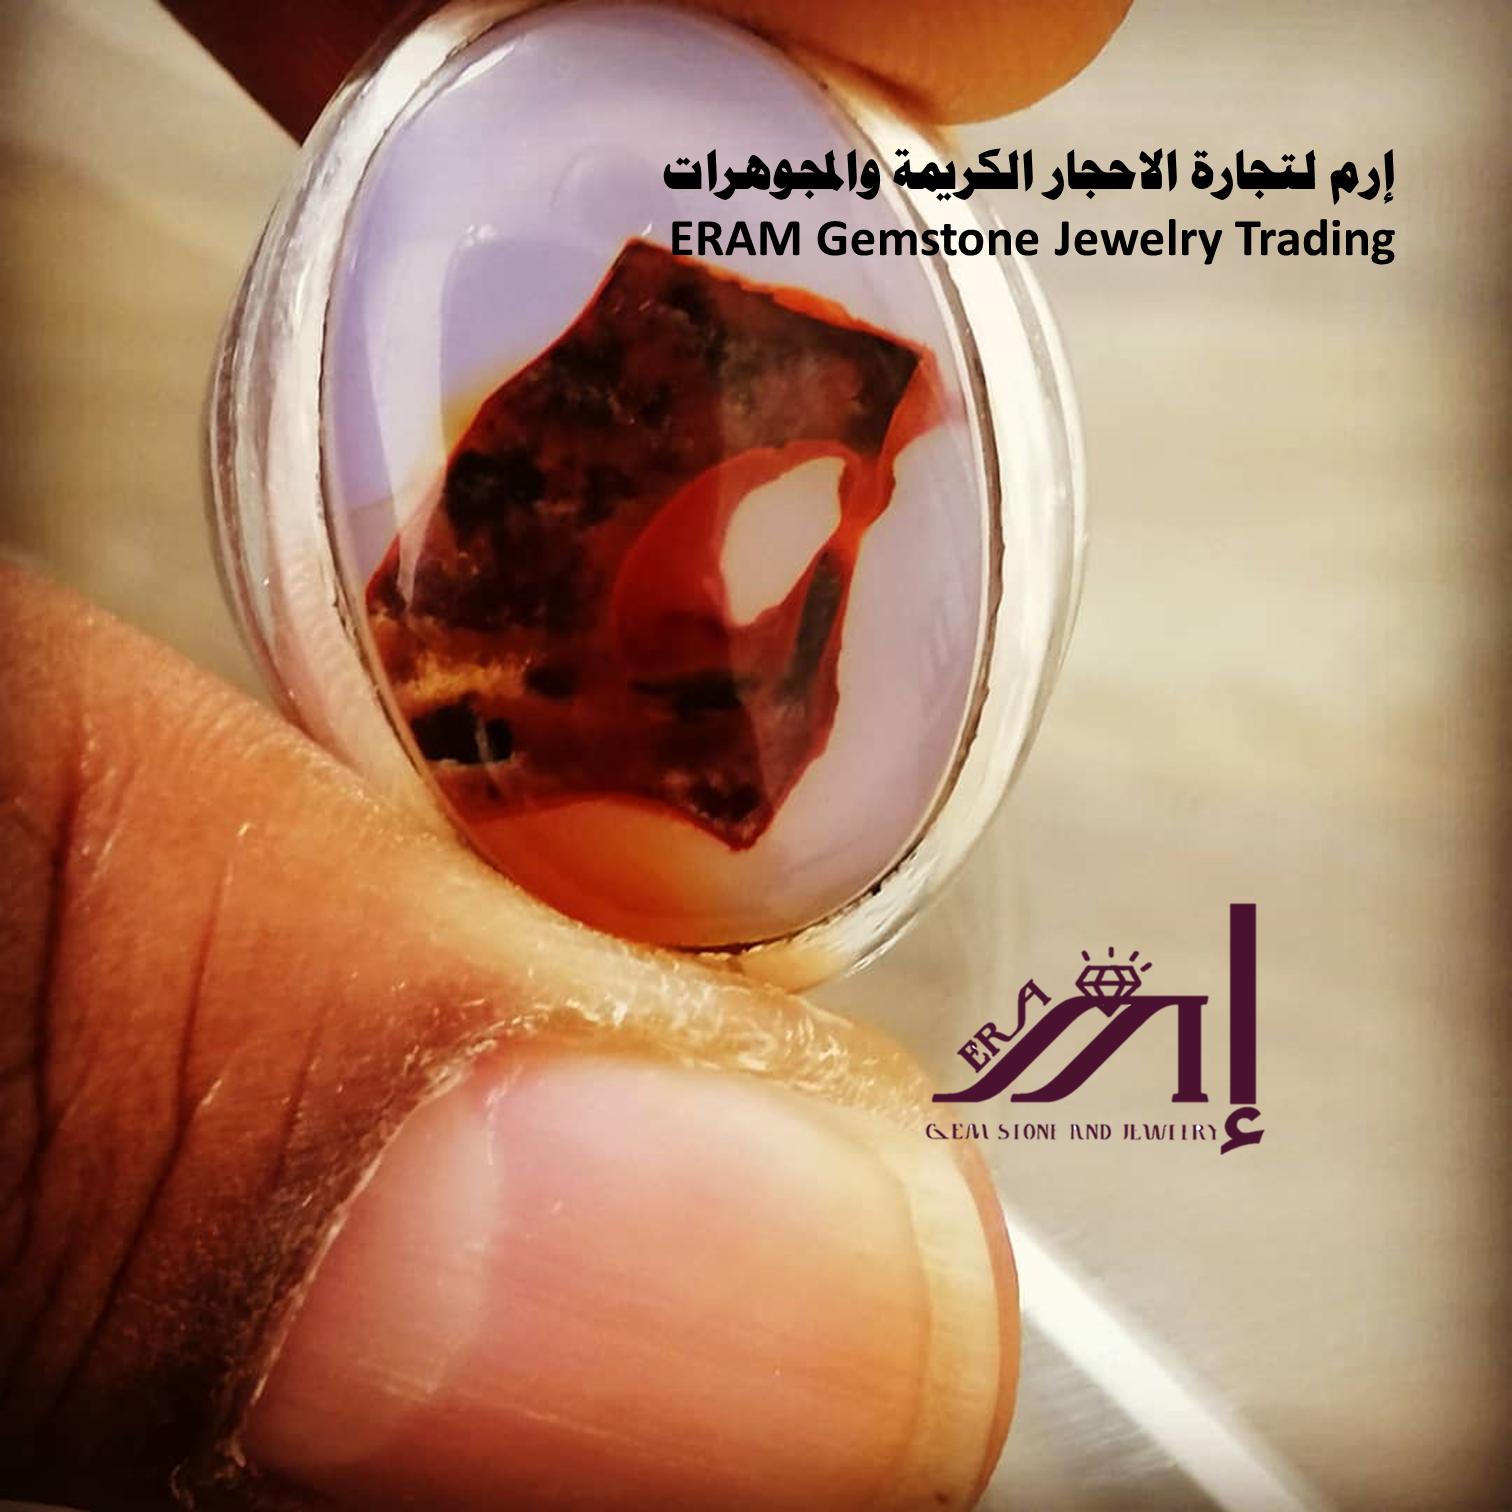 خاتم ملكي رجالي عقيق يمني مزهر مميز طبيعي100 Agate للعرض Gemstone Jewelry Gemstones Jewelry